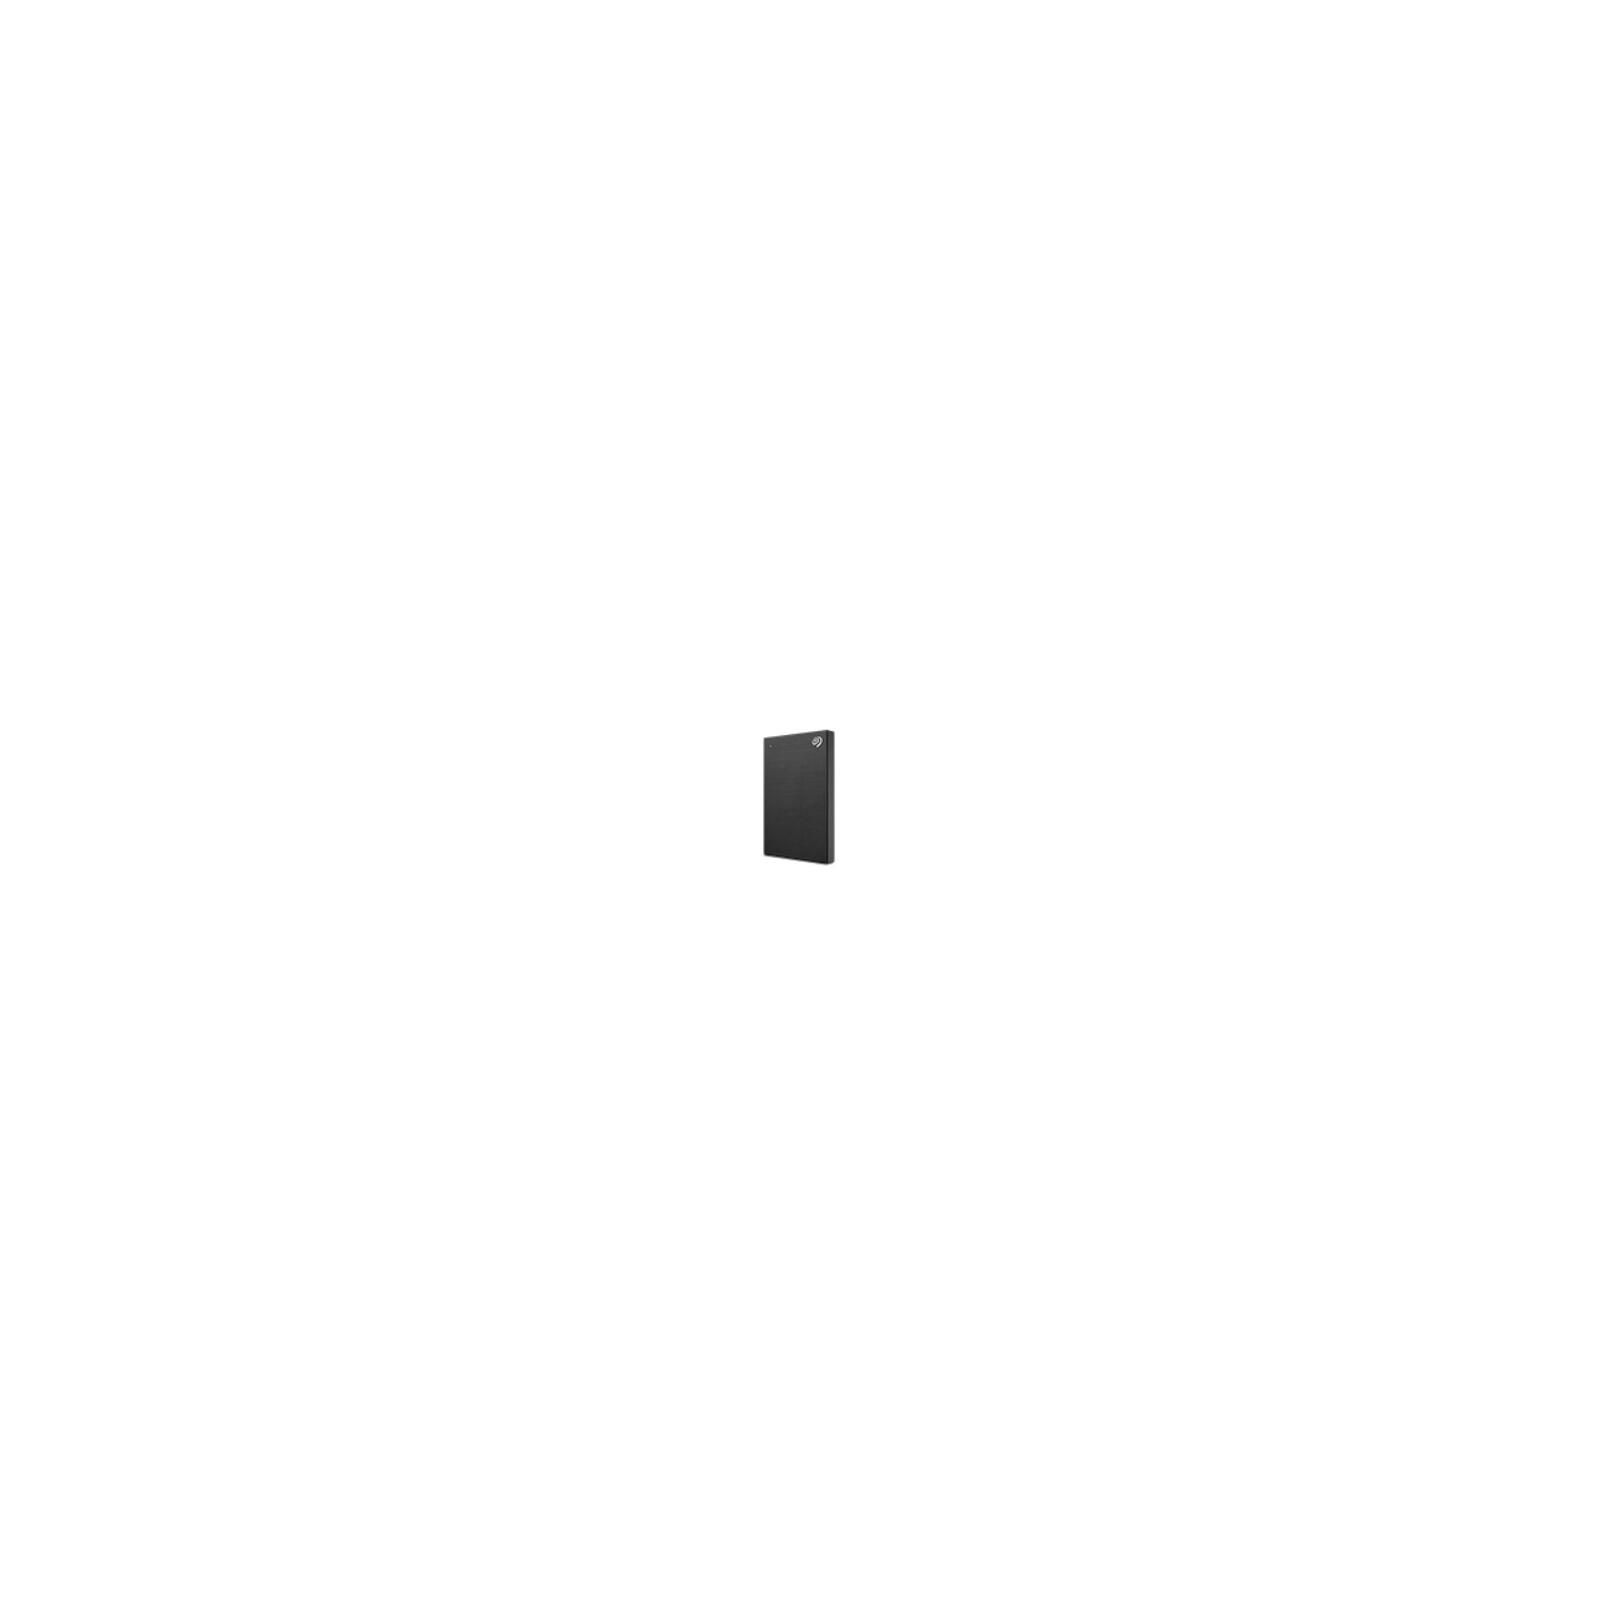 Seagate HDD Backup 1TB schwarz